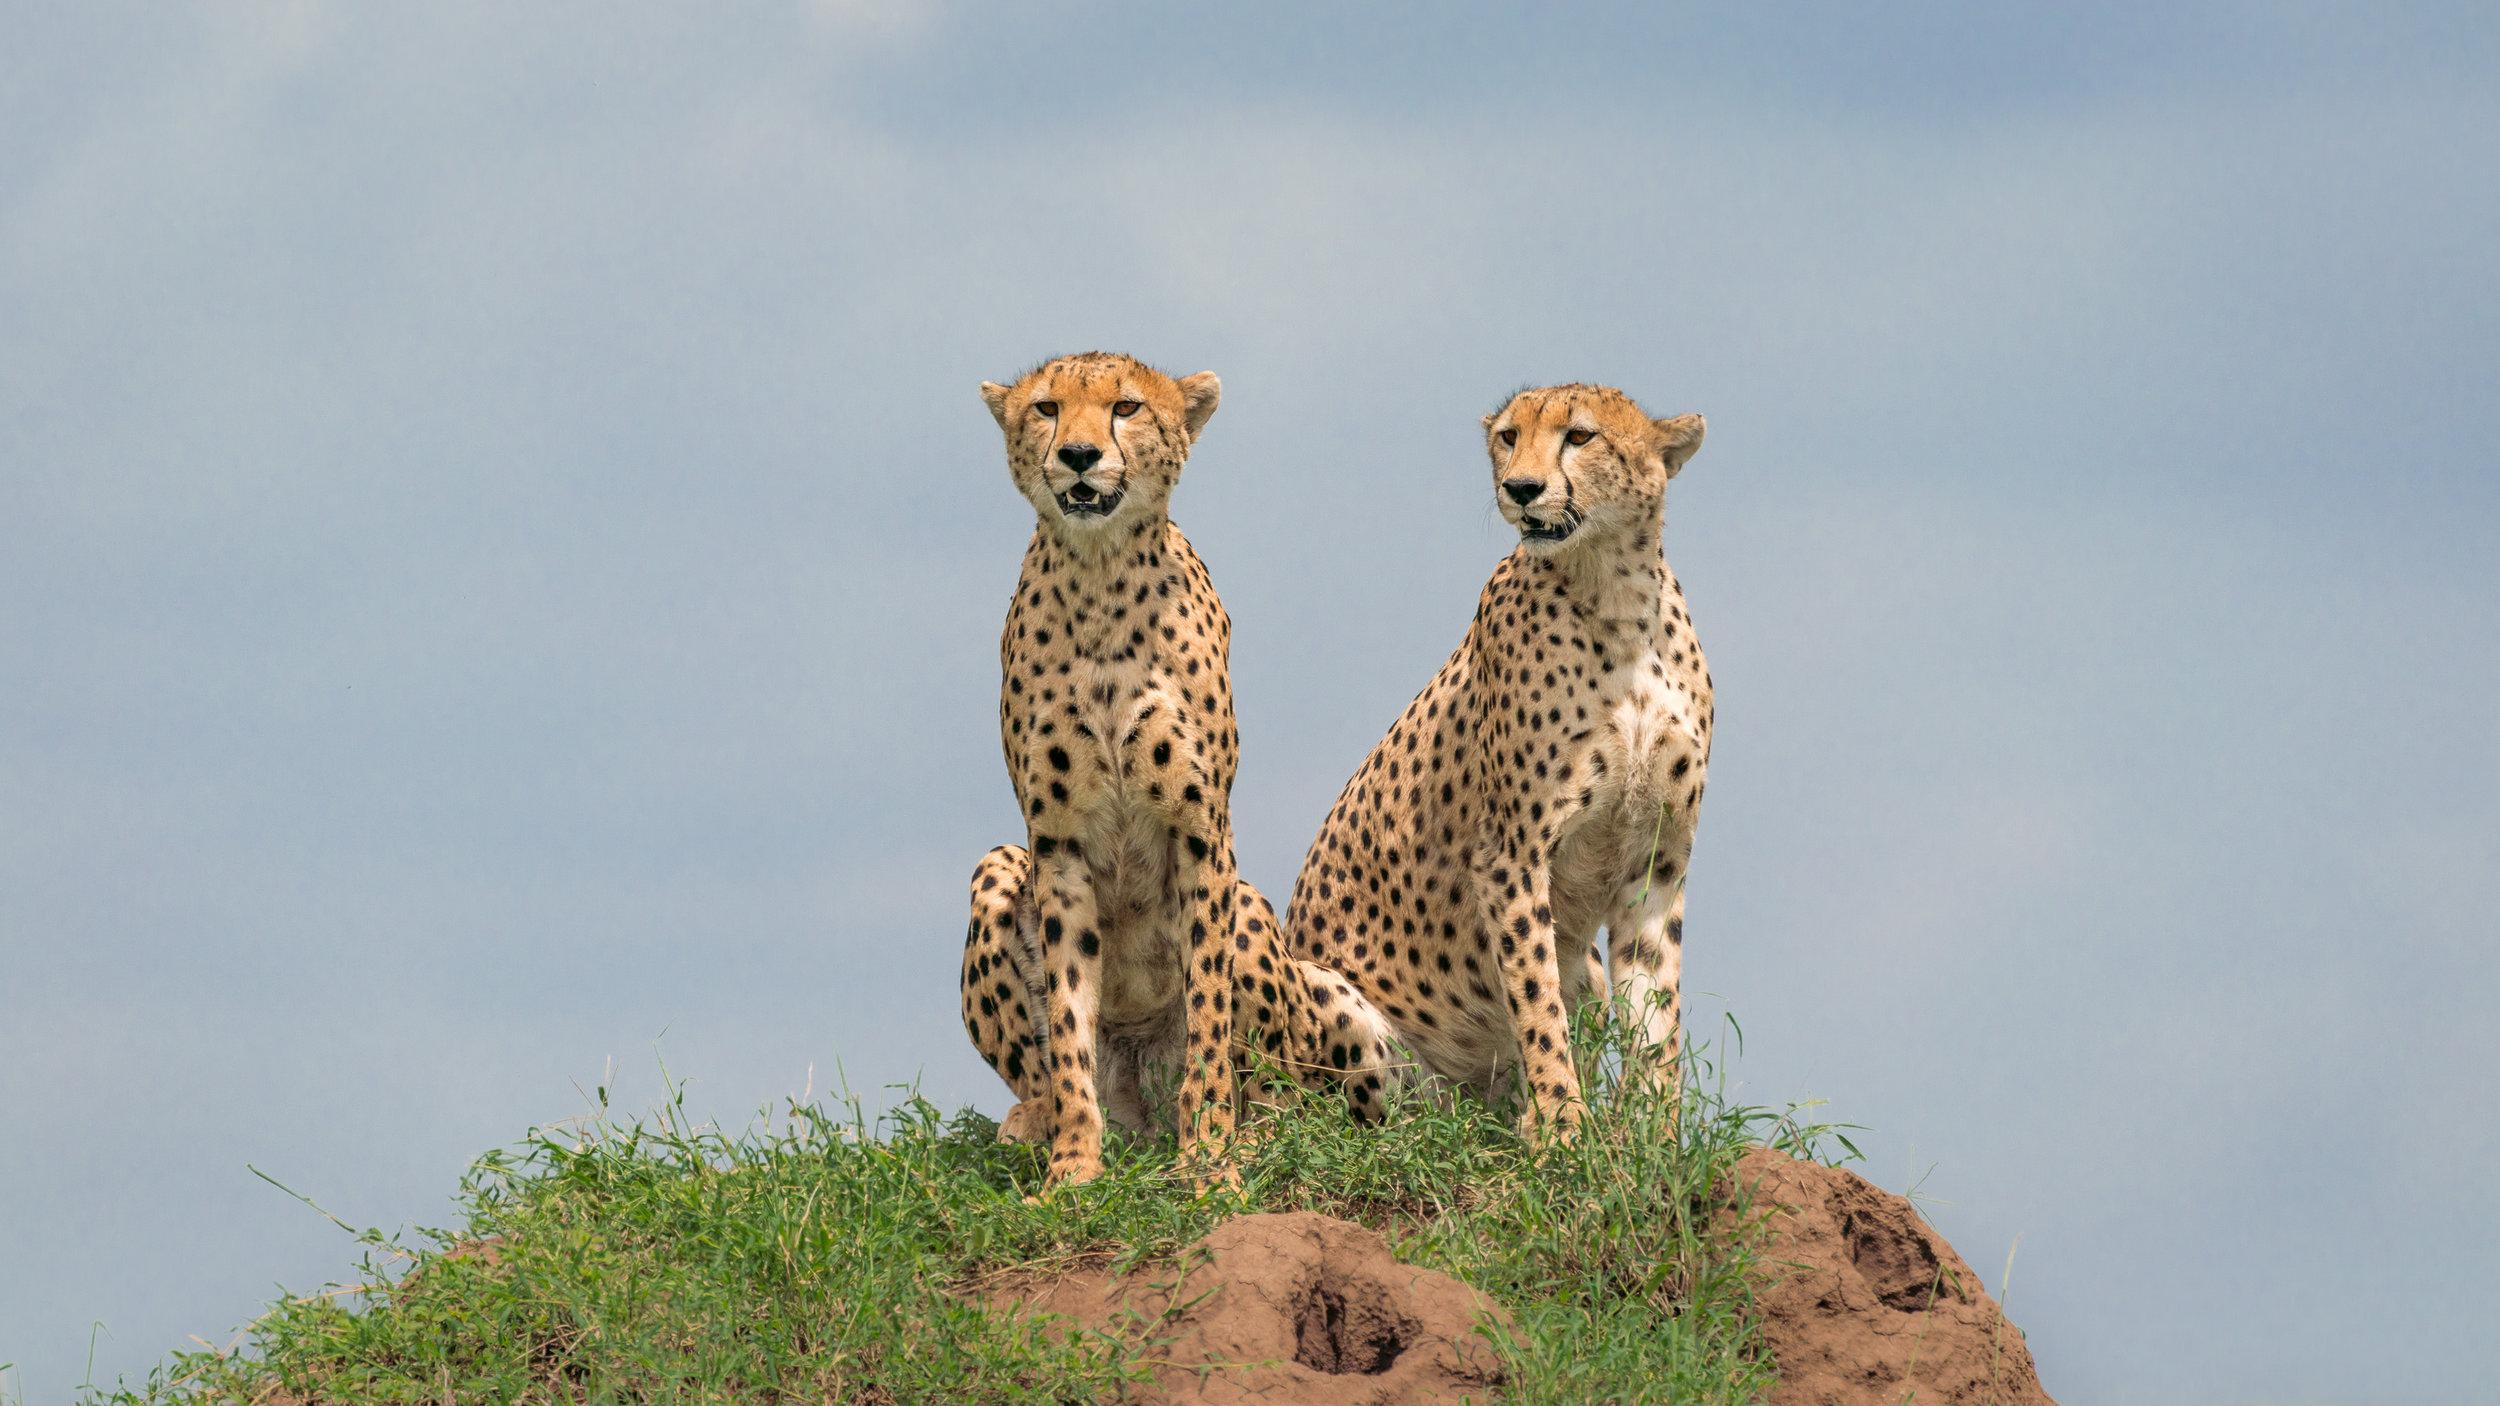 2018-03-13 Safari Day 4_20180313-safari-T_A01795.jpg